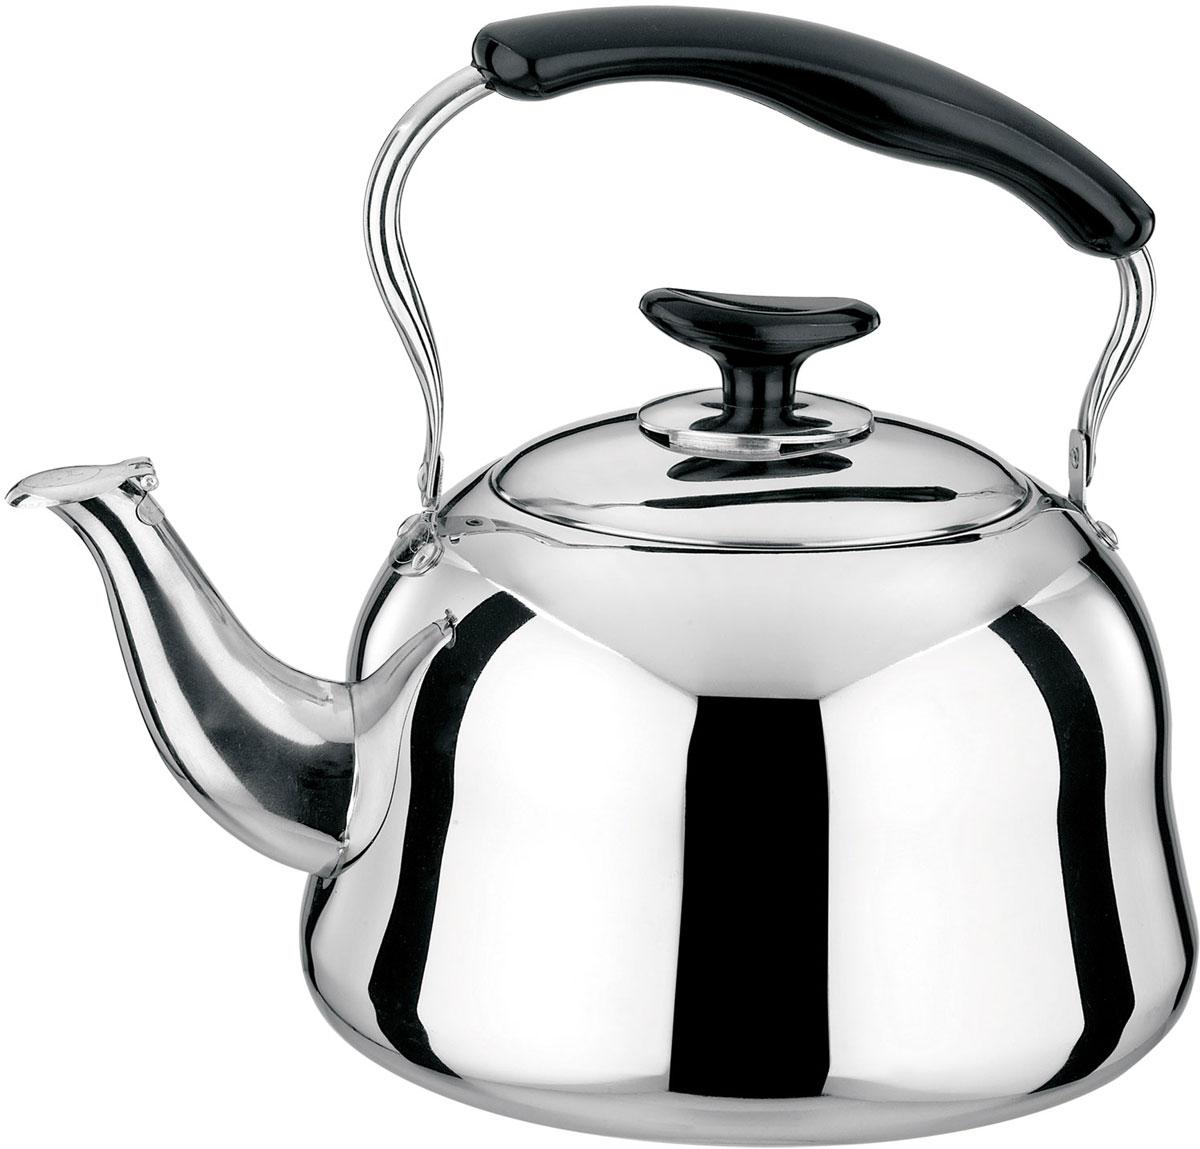 Чайник Rainstahl, цвет: стальной, 3 л. 3505-40RS/KL3505-40RS/KLЧайник стальной 4 л. Нержавеющая сталь. Крышка с функцией свистка.